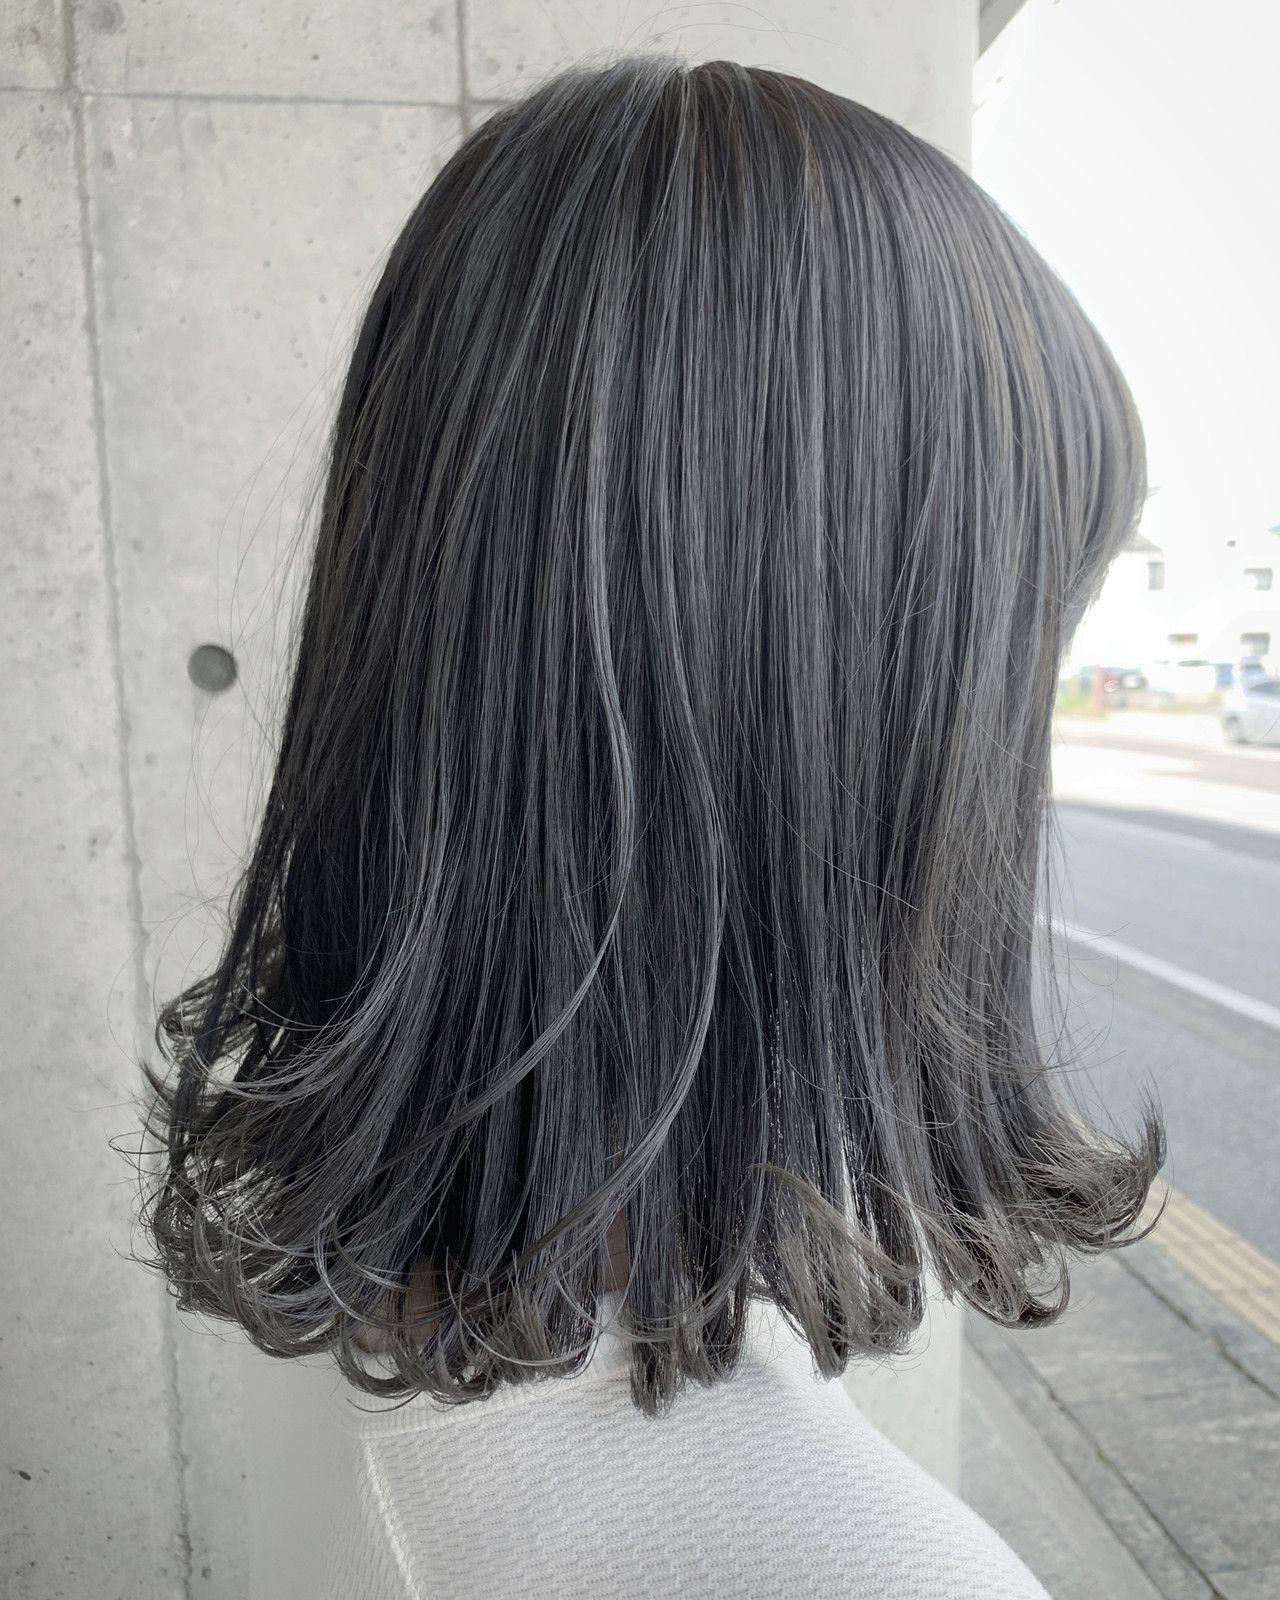 ミディアム グレーアッシュ グラデーションカラー グレー ヘアスタイルや髪型の写真 画像 グレー ヘアカラー カラフルヘア グレーアッシュ